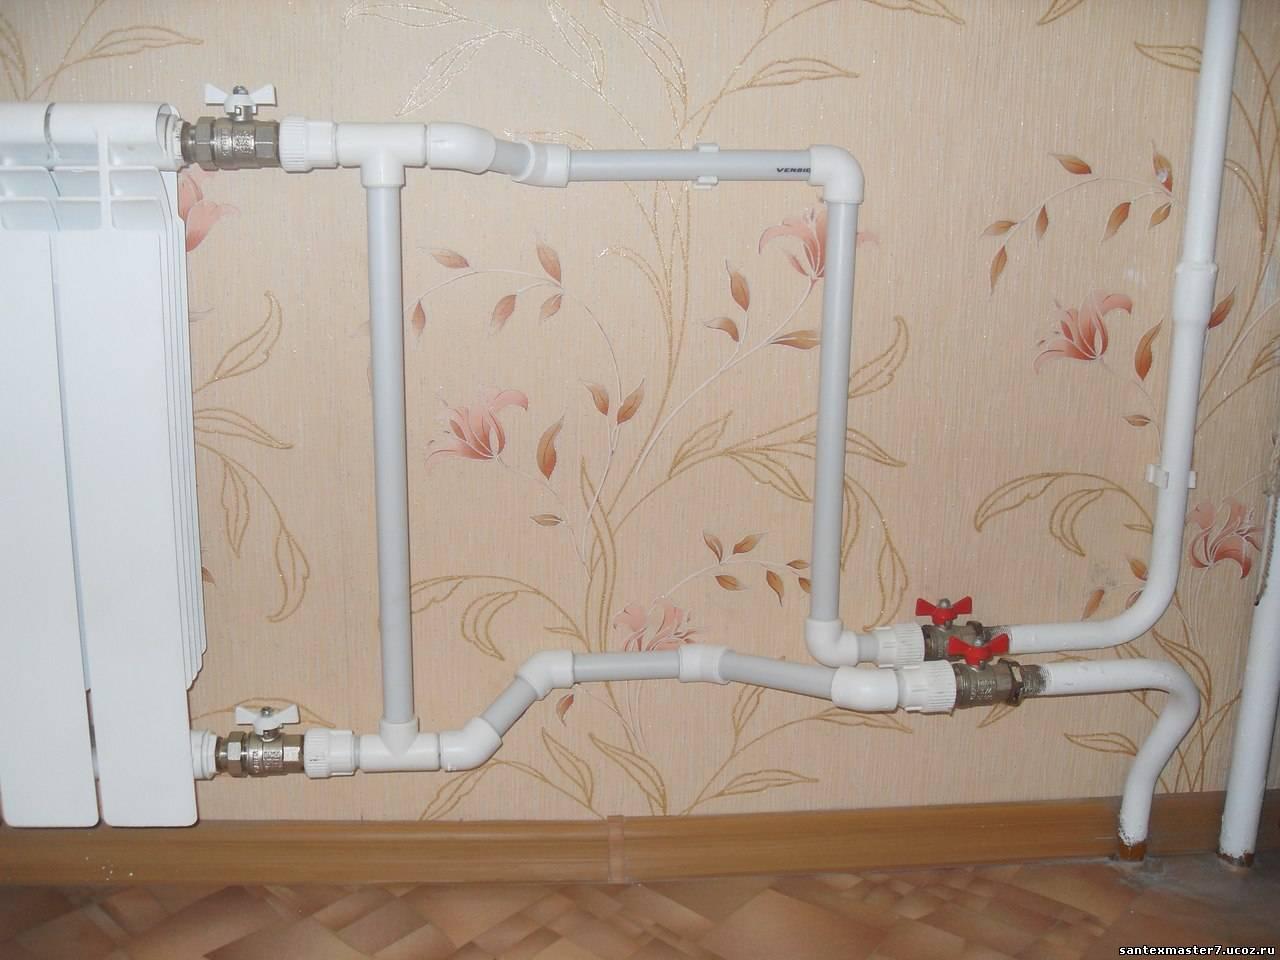 Замена радиаторов отопления в квартире своими руками 2